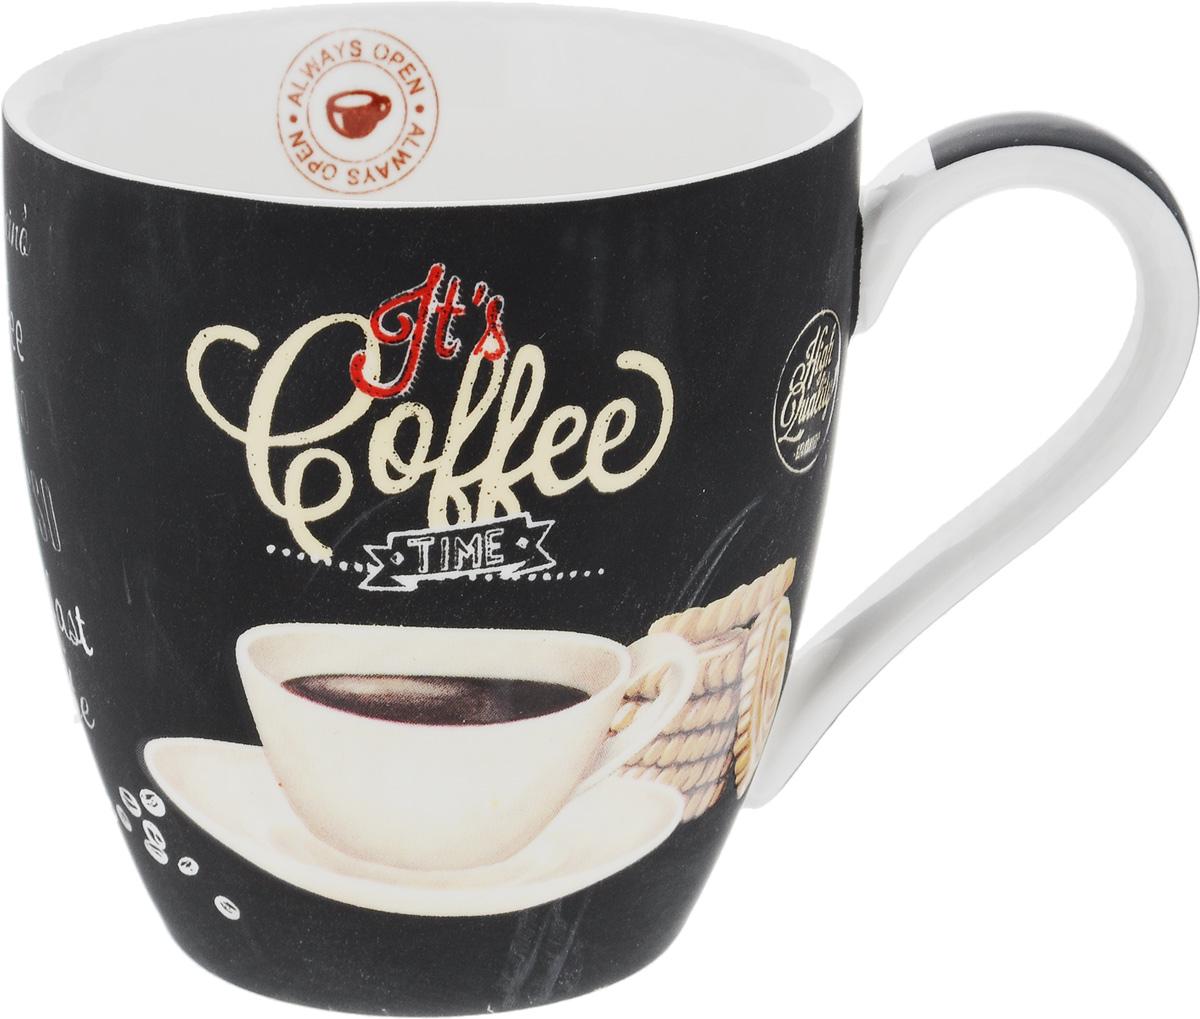 Кружка Nuova R2S Espresso, 350 млR2S1010/ICTW-ALКружка Nuova R2S Espresso изготовлена из высококачественногофарфора. Внешние стенки изделия оформлены рисунком в виде чашки кофе. Такаякружка станет неизменным атрибутом домашнего чаепития, апить любимый напиток из нее будет еще приятнее. Можно использовать в СВЧ и мыть в посудомоечной машине. Диаметр (по верхнему краю): 9 см. Высота кружки: 9,5 см.Объем: 350 мл.